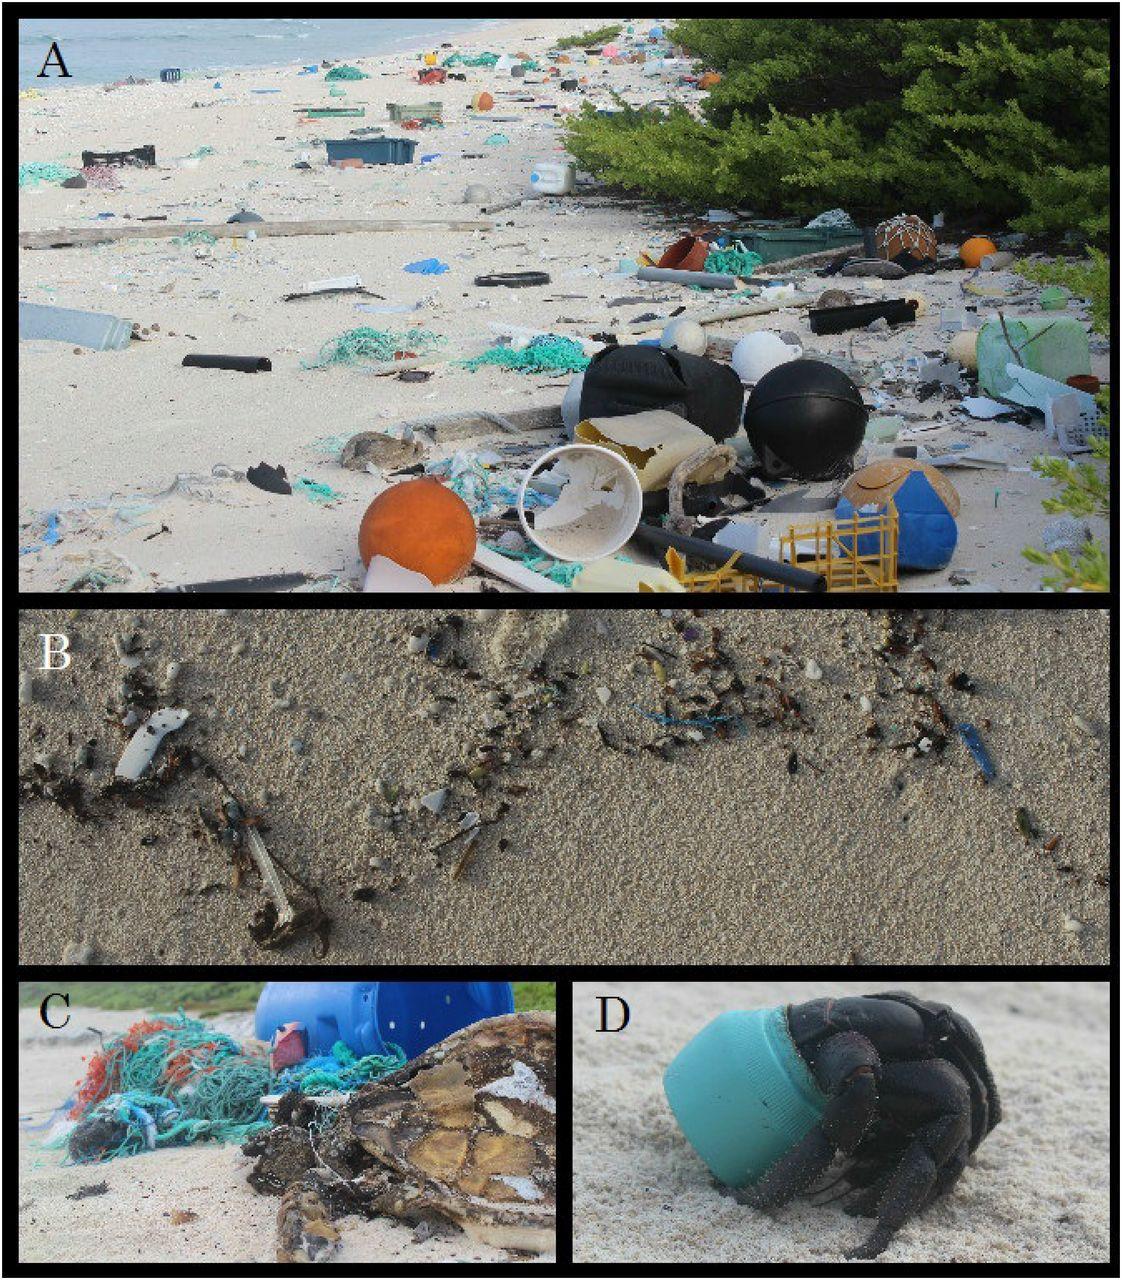 Пластик добрался до отдаленных необитаемых островов Тихого океана